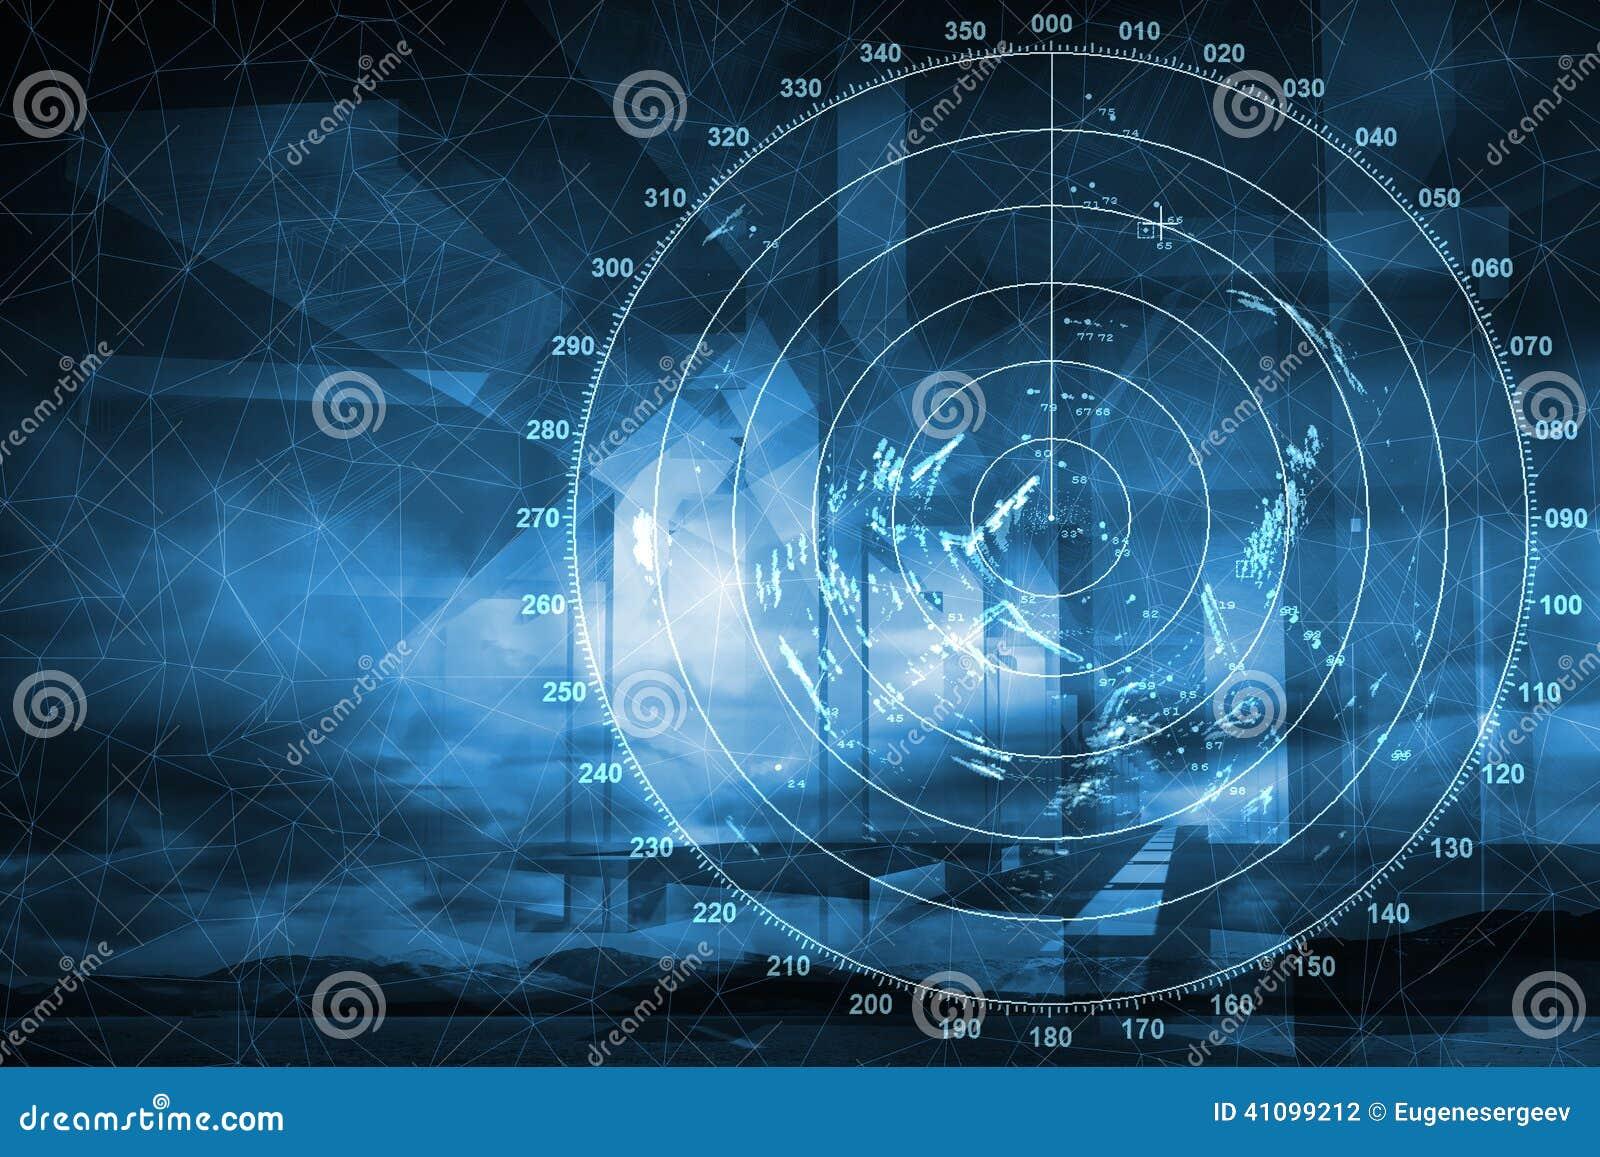 Modern Ship Radar Digital Screen, Abstract Backgro Stock Illustration ...